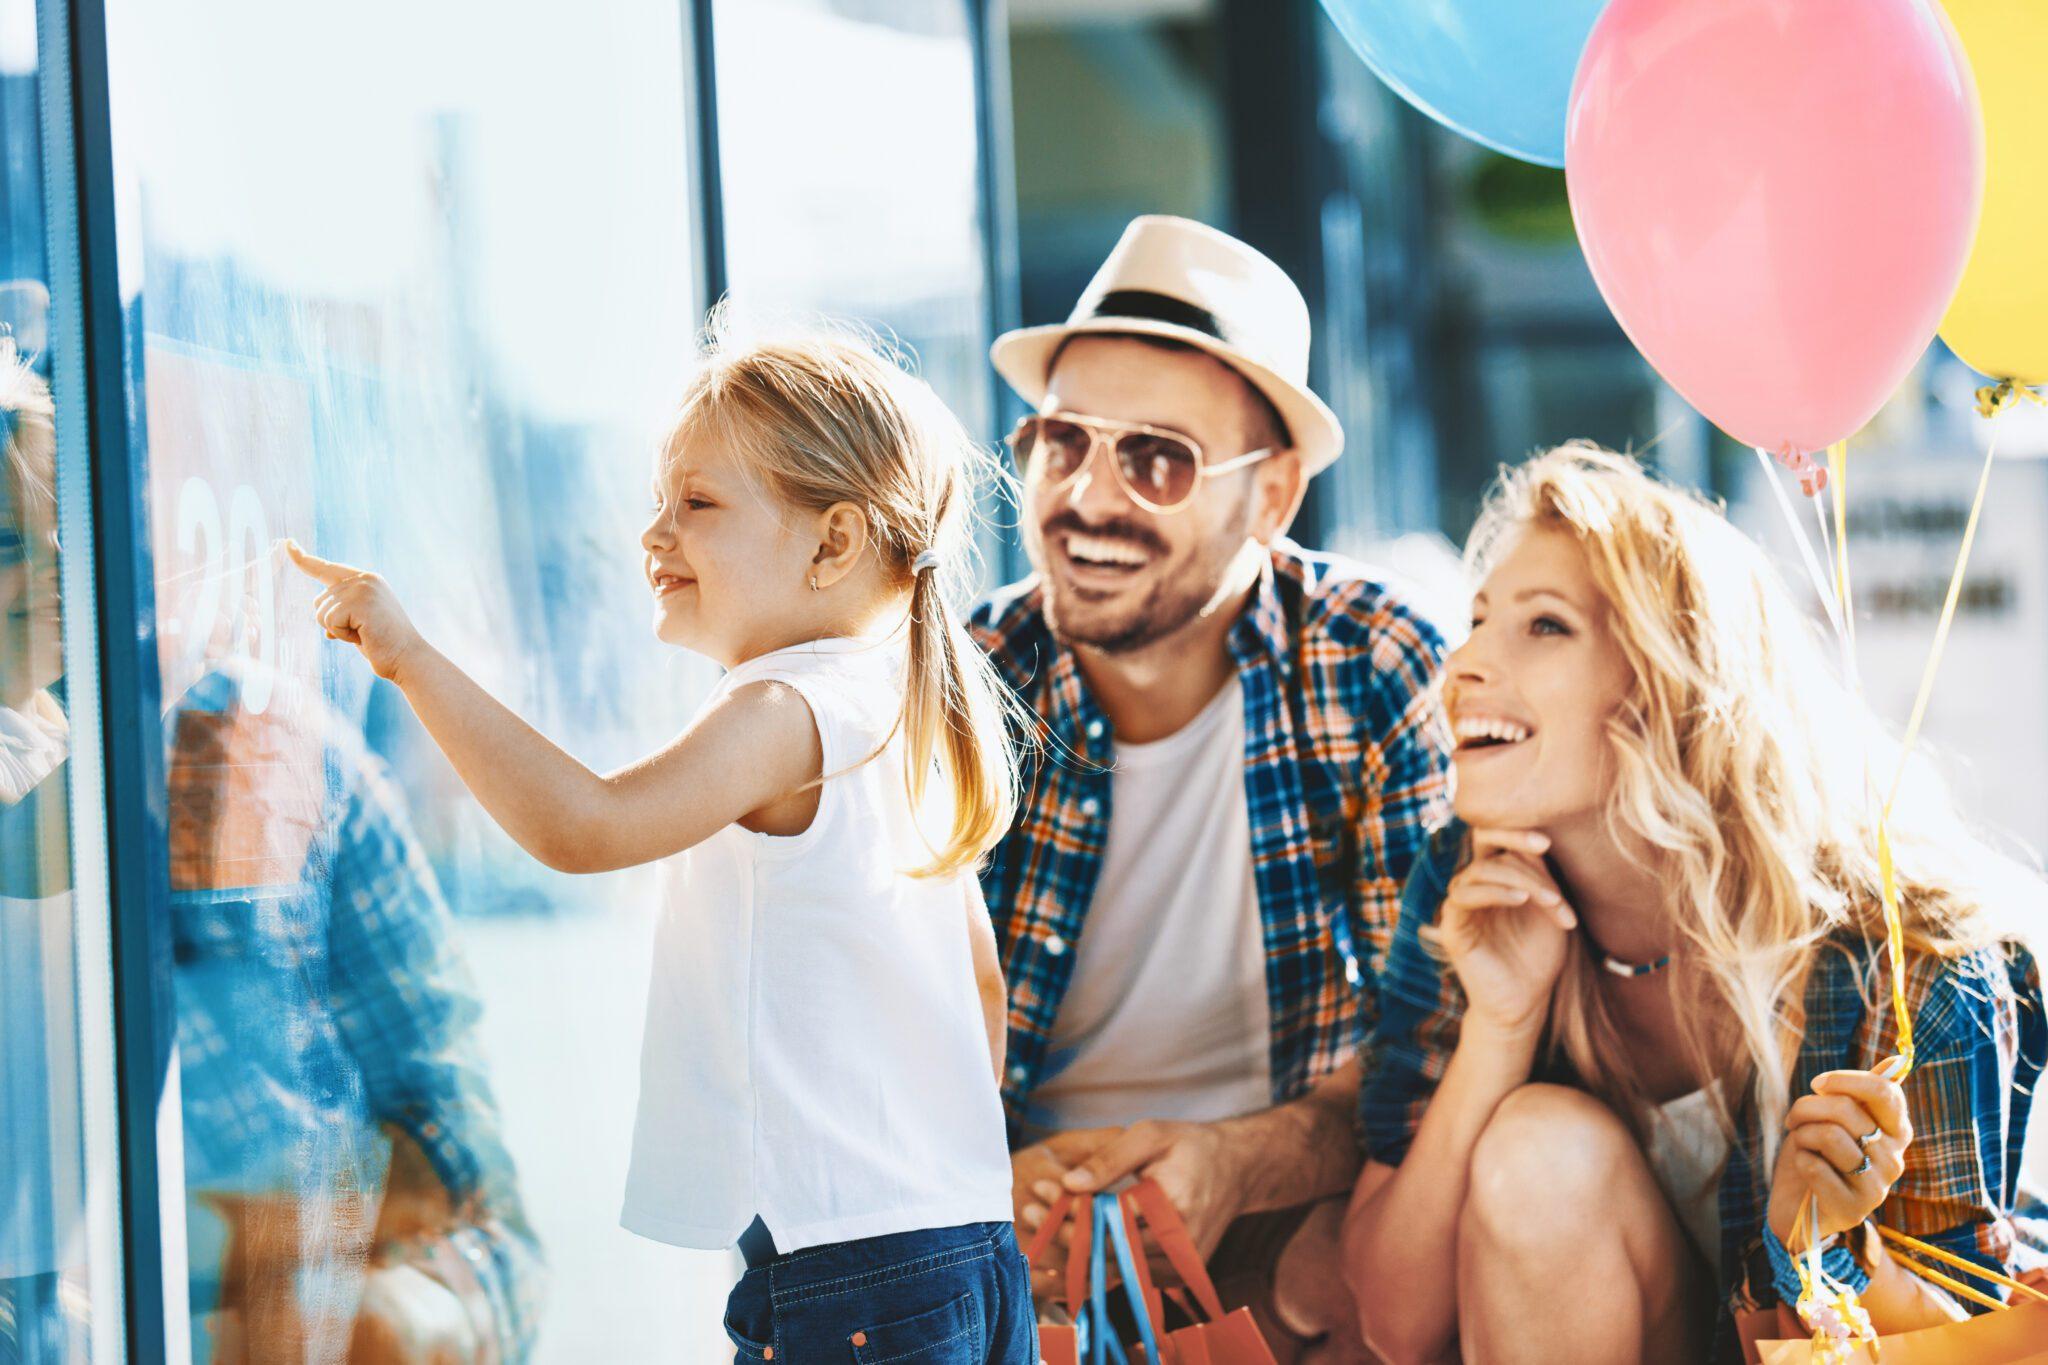 Family enjoying shoppQing